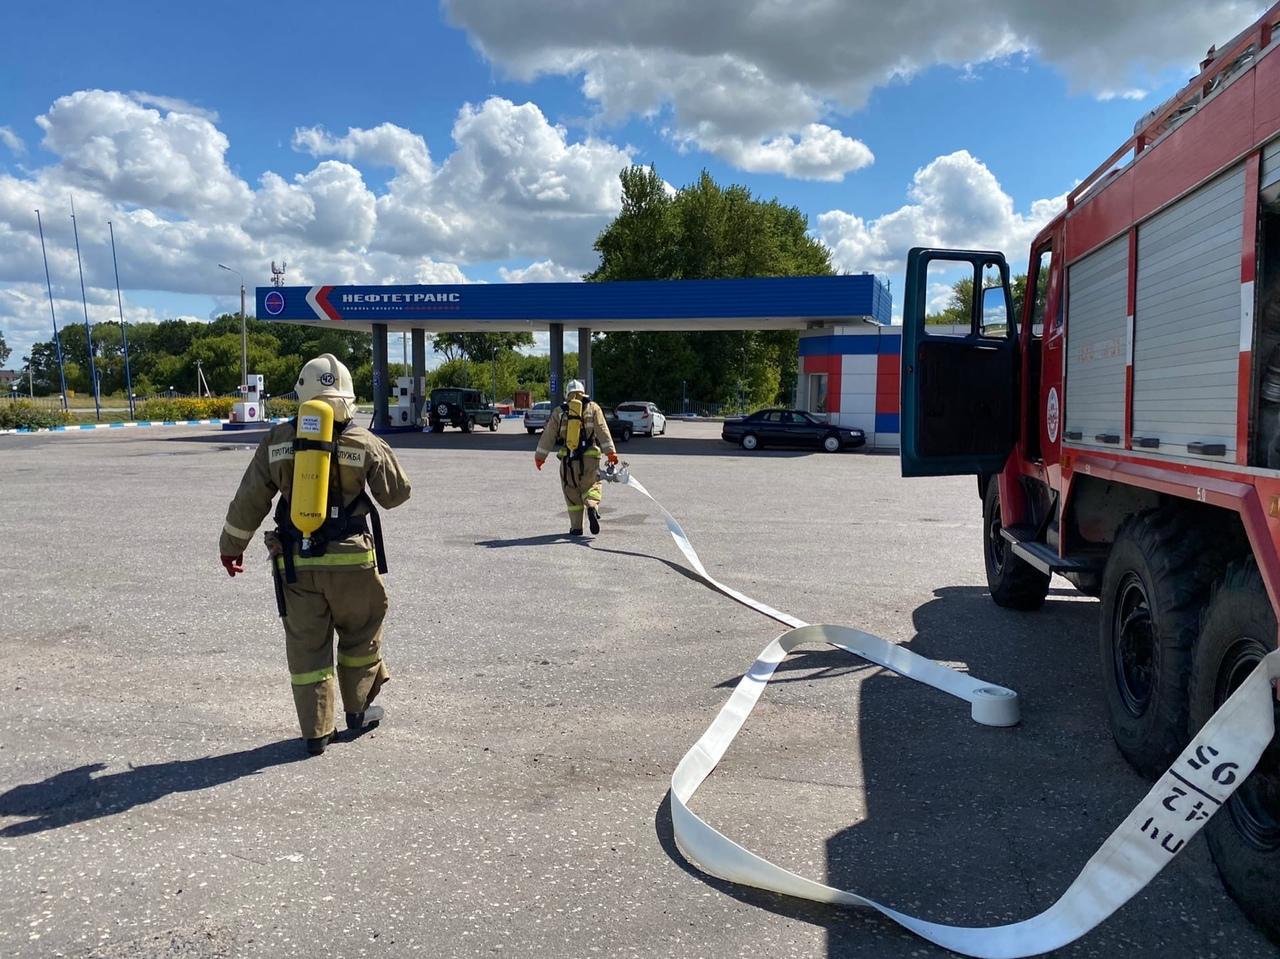 На АЗС периодически проводятся плановые учения МЧС. В ходе учений проверяется план тушения пожара. который должен быть на любой АЗС.